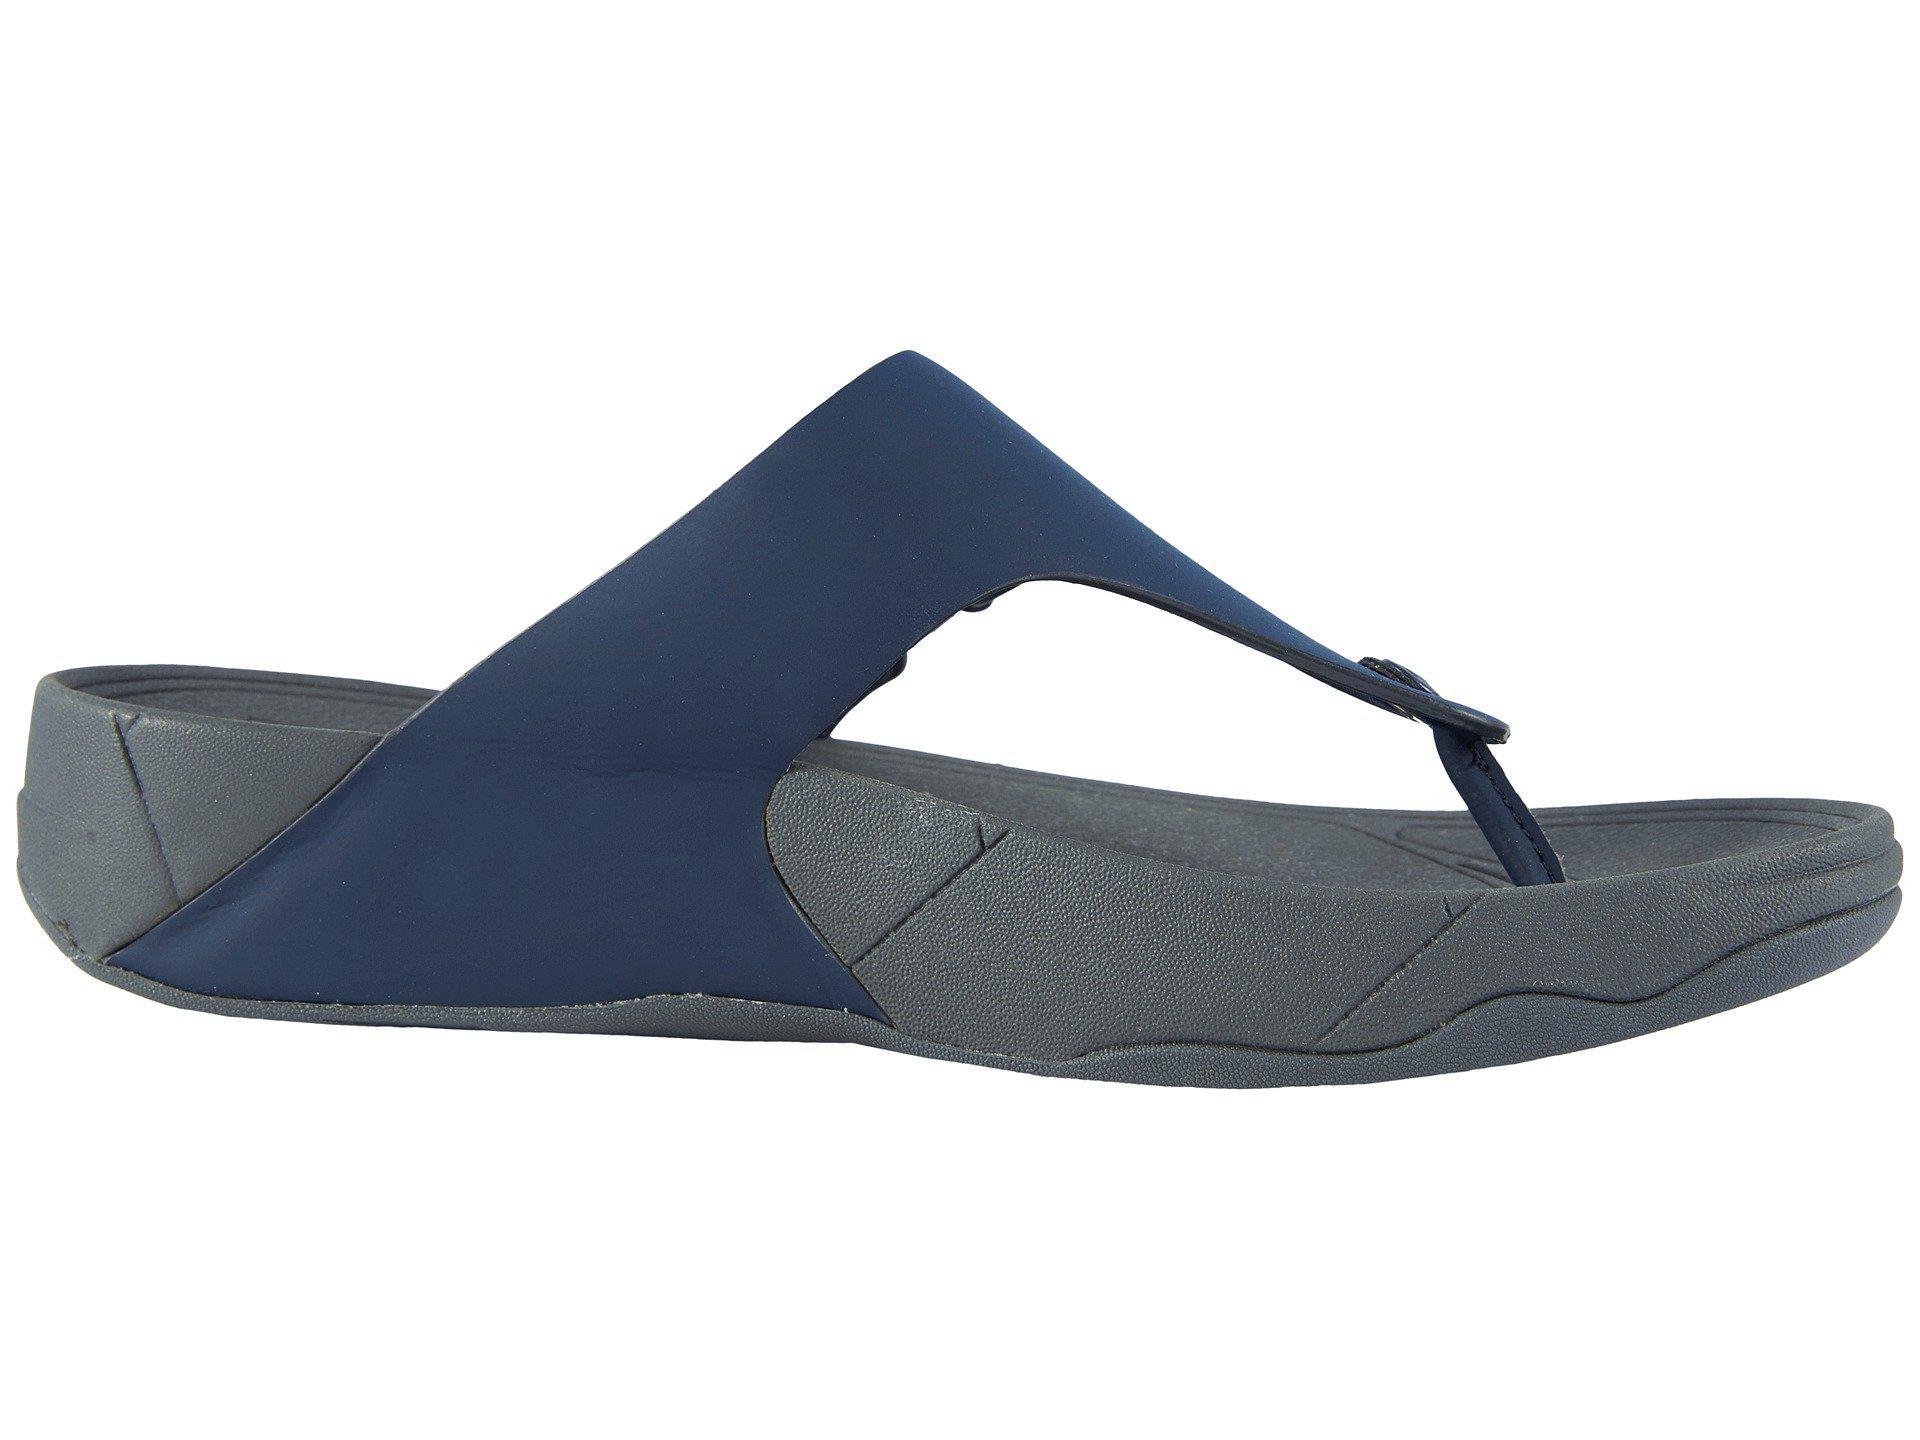 258329b03496 Lyst - Fitflop Trakk Ii In Neoprene Sandal in Blue for Men - Save 1%